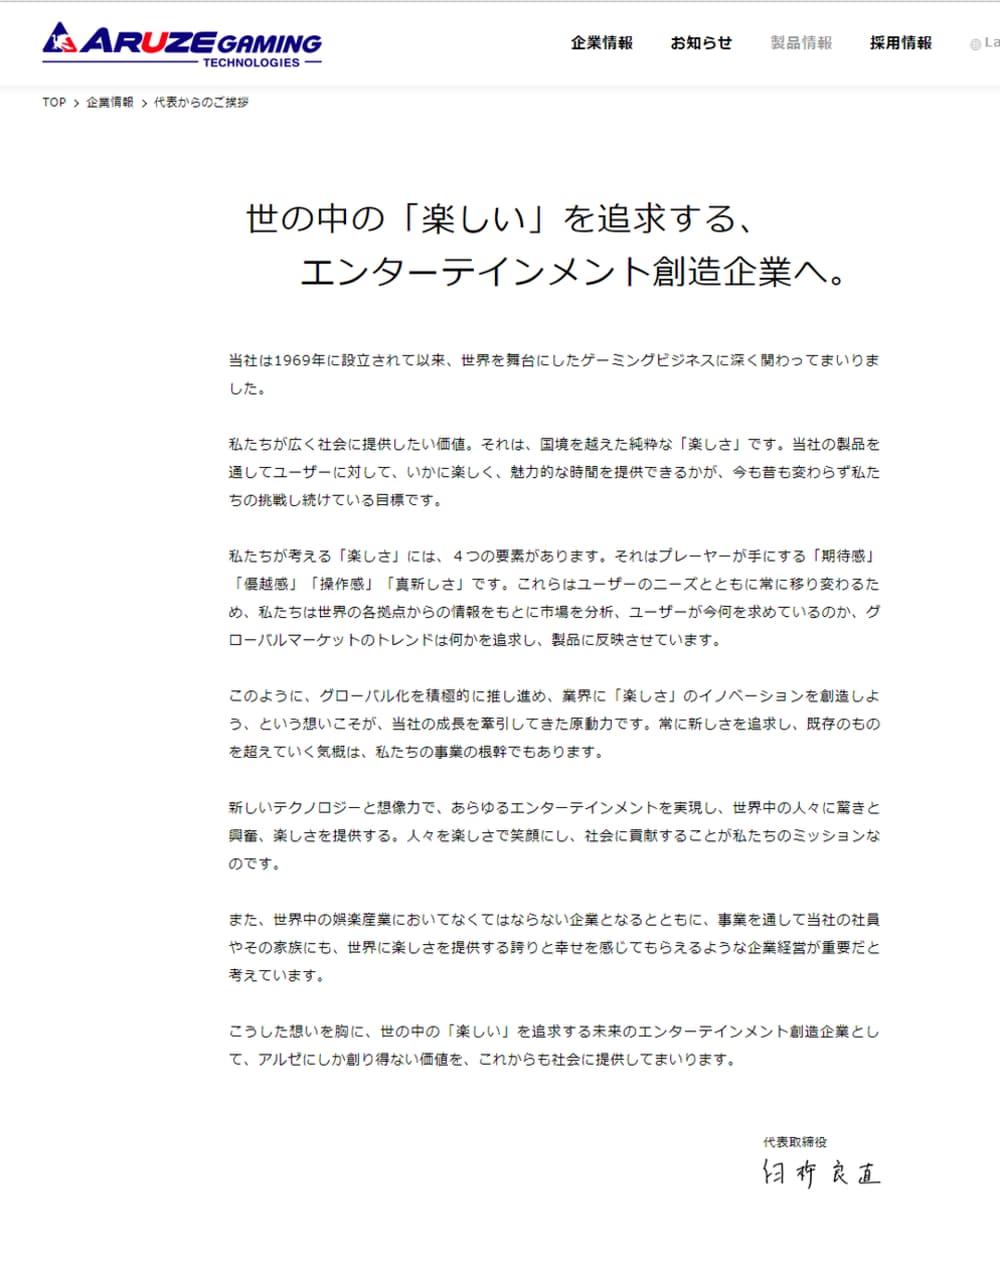 臼井孝裕辞任公表後